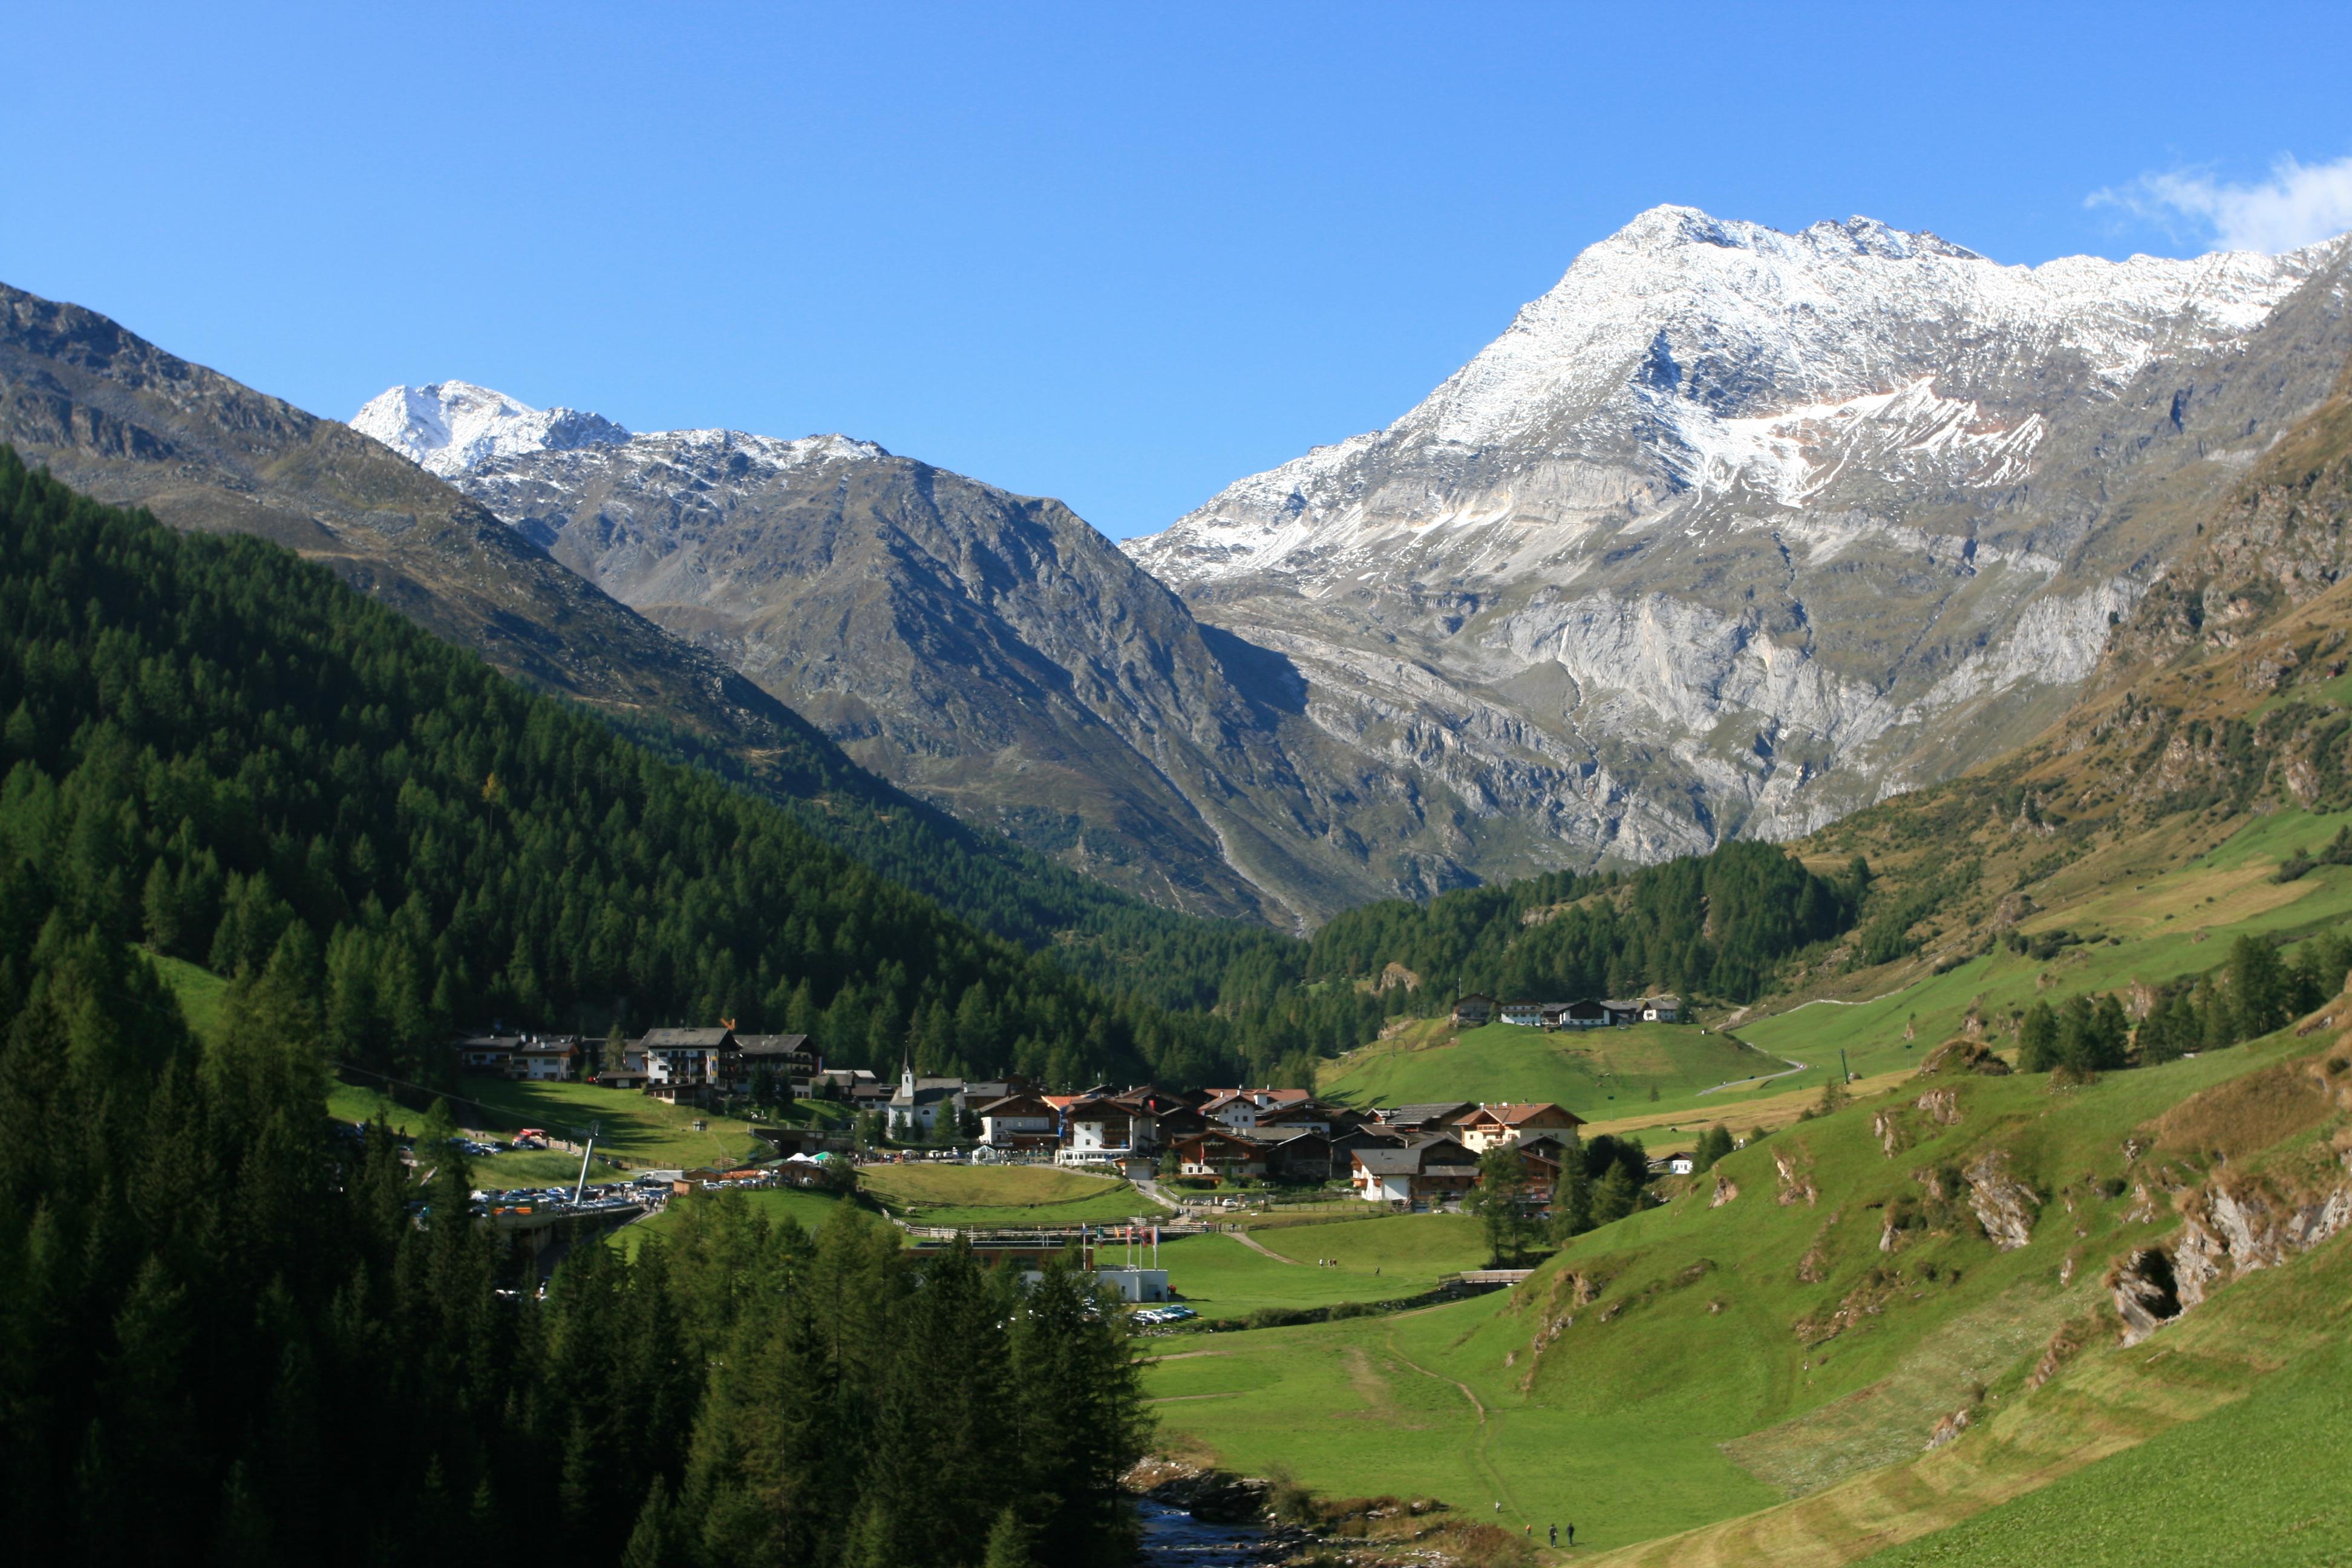 Moso in Passiria, vista panoramica della bellissima perla alpina dell'Alto Adige